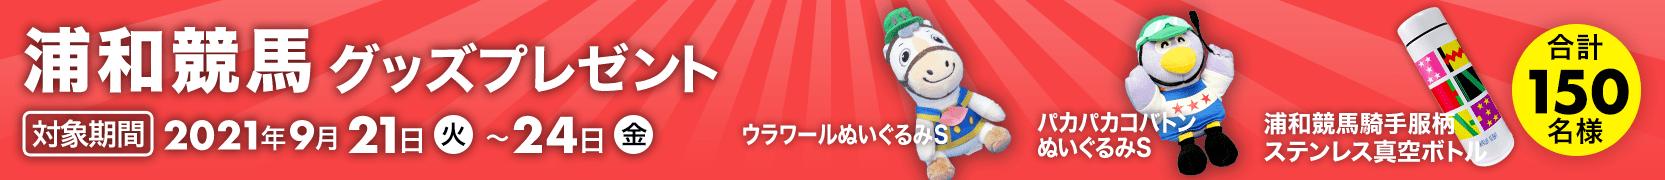 浦和競馬購入でオリジナルグッズ当たる!(2021年9月)